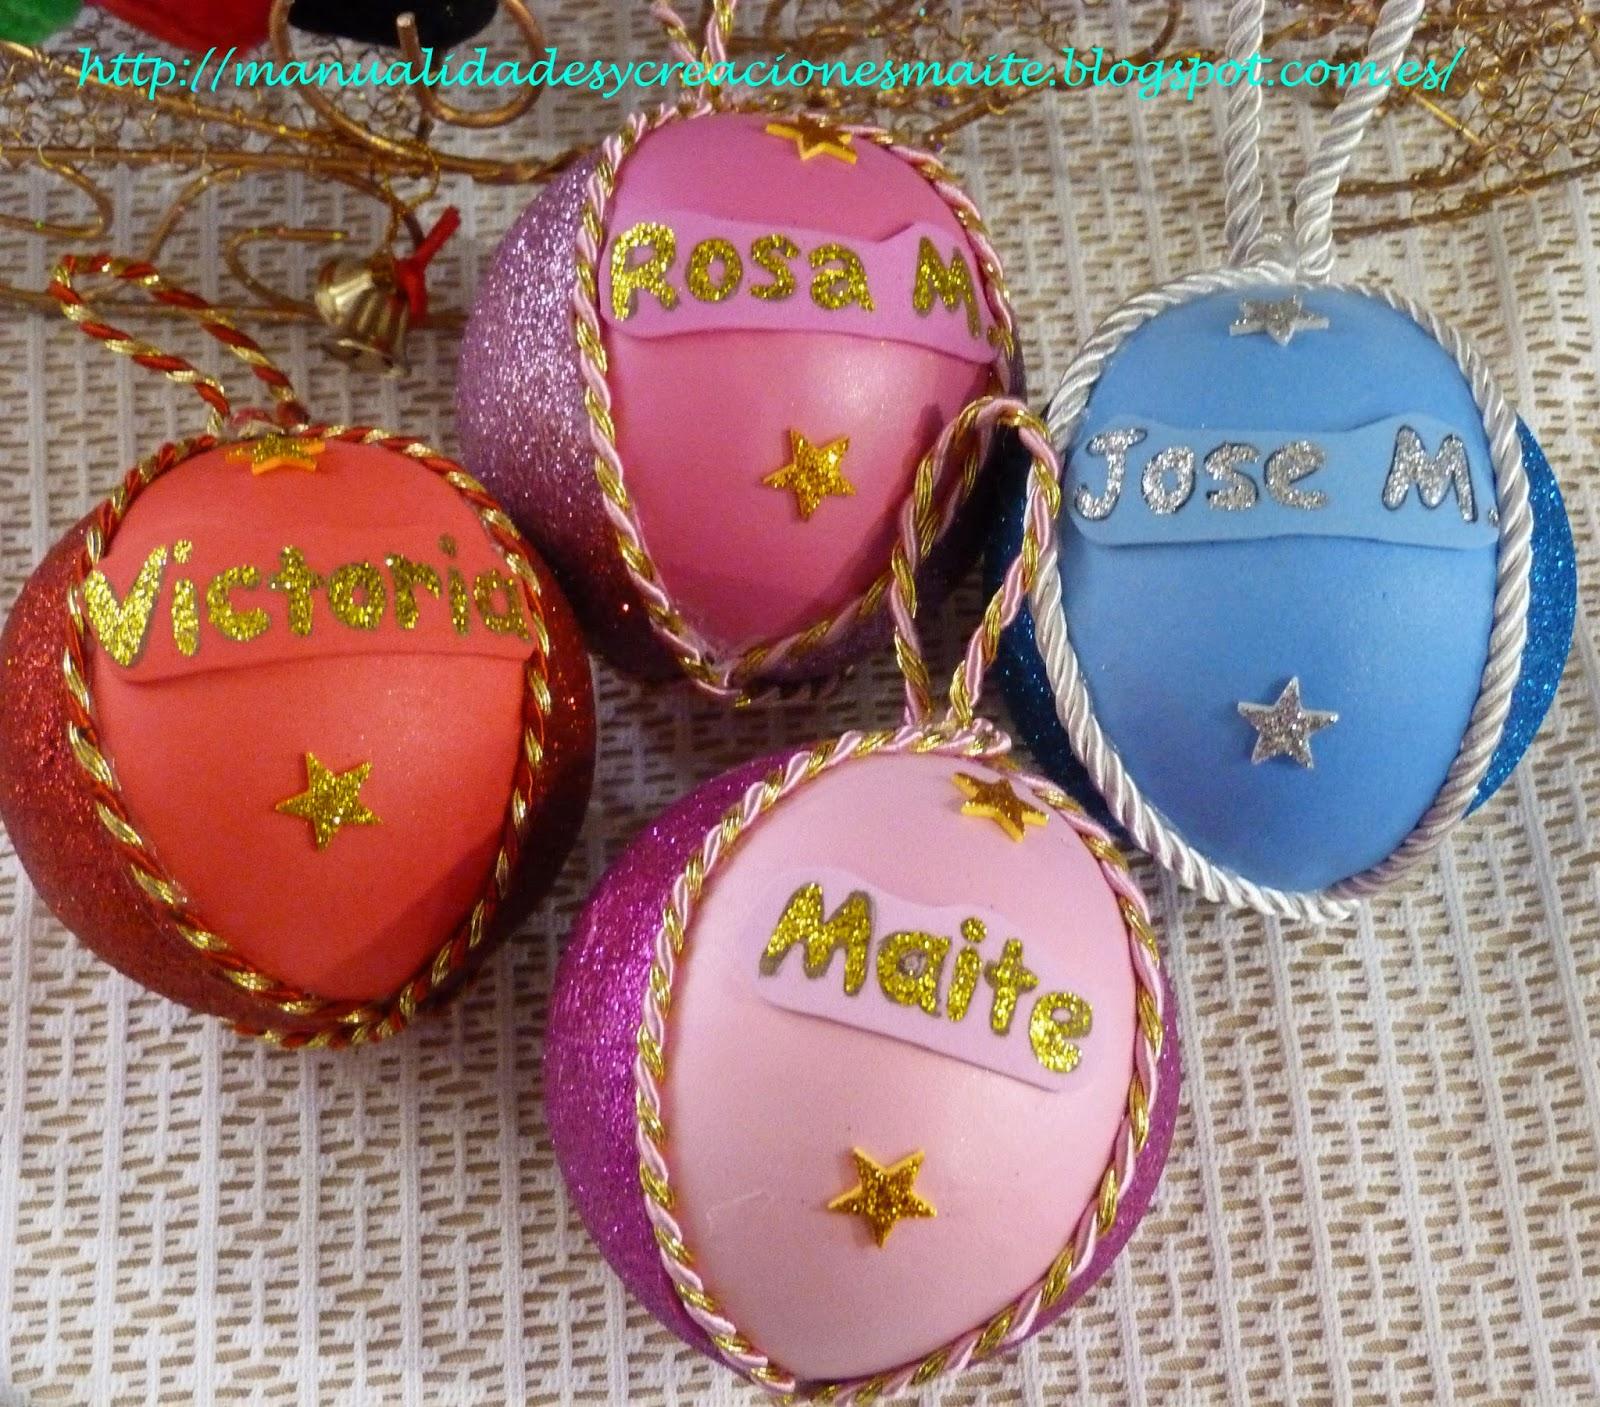 bolas para el rbol de navidad totalmente con los colores favoritos y los nombres hechas a mano de forma artesana en goma eva